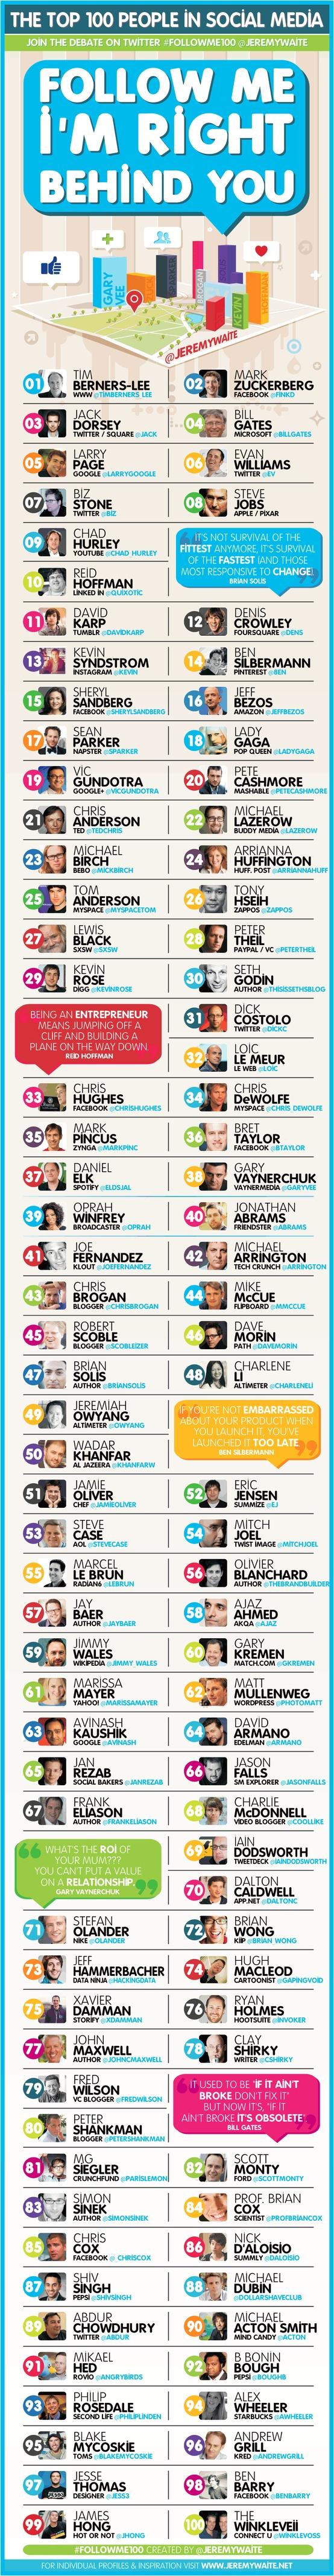 Cuentas Twitter de los 100 más importantes en Social Media